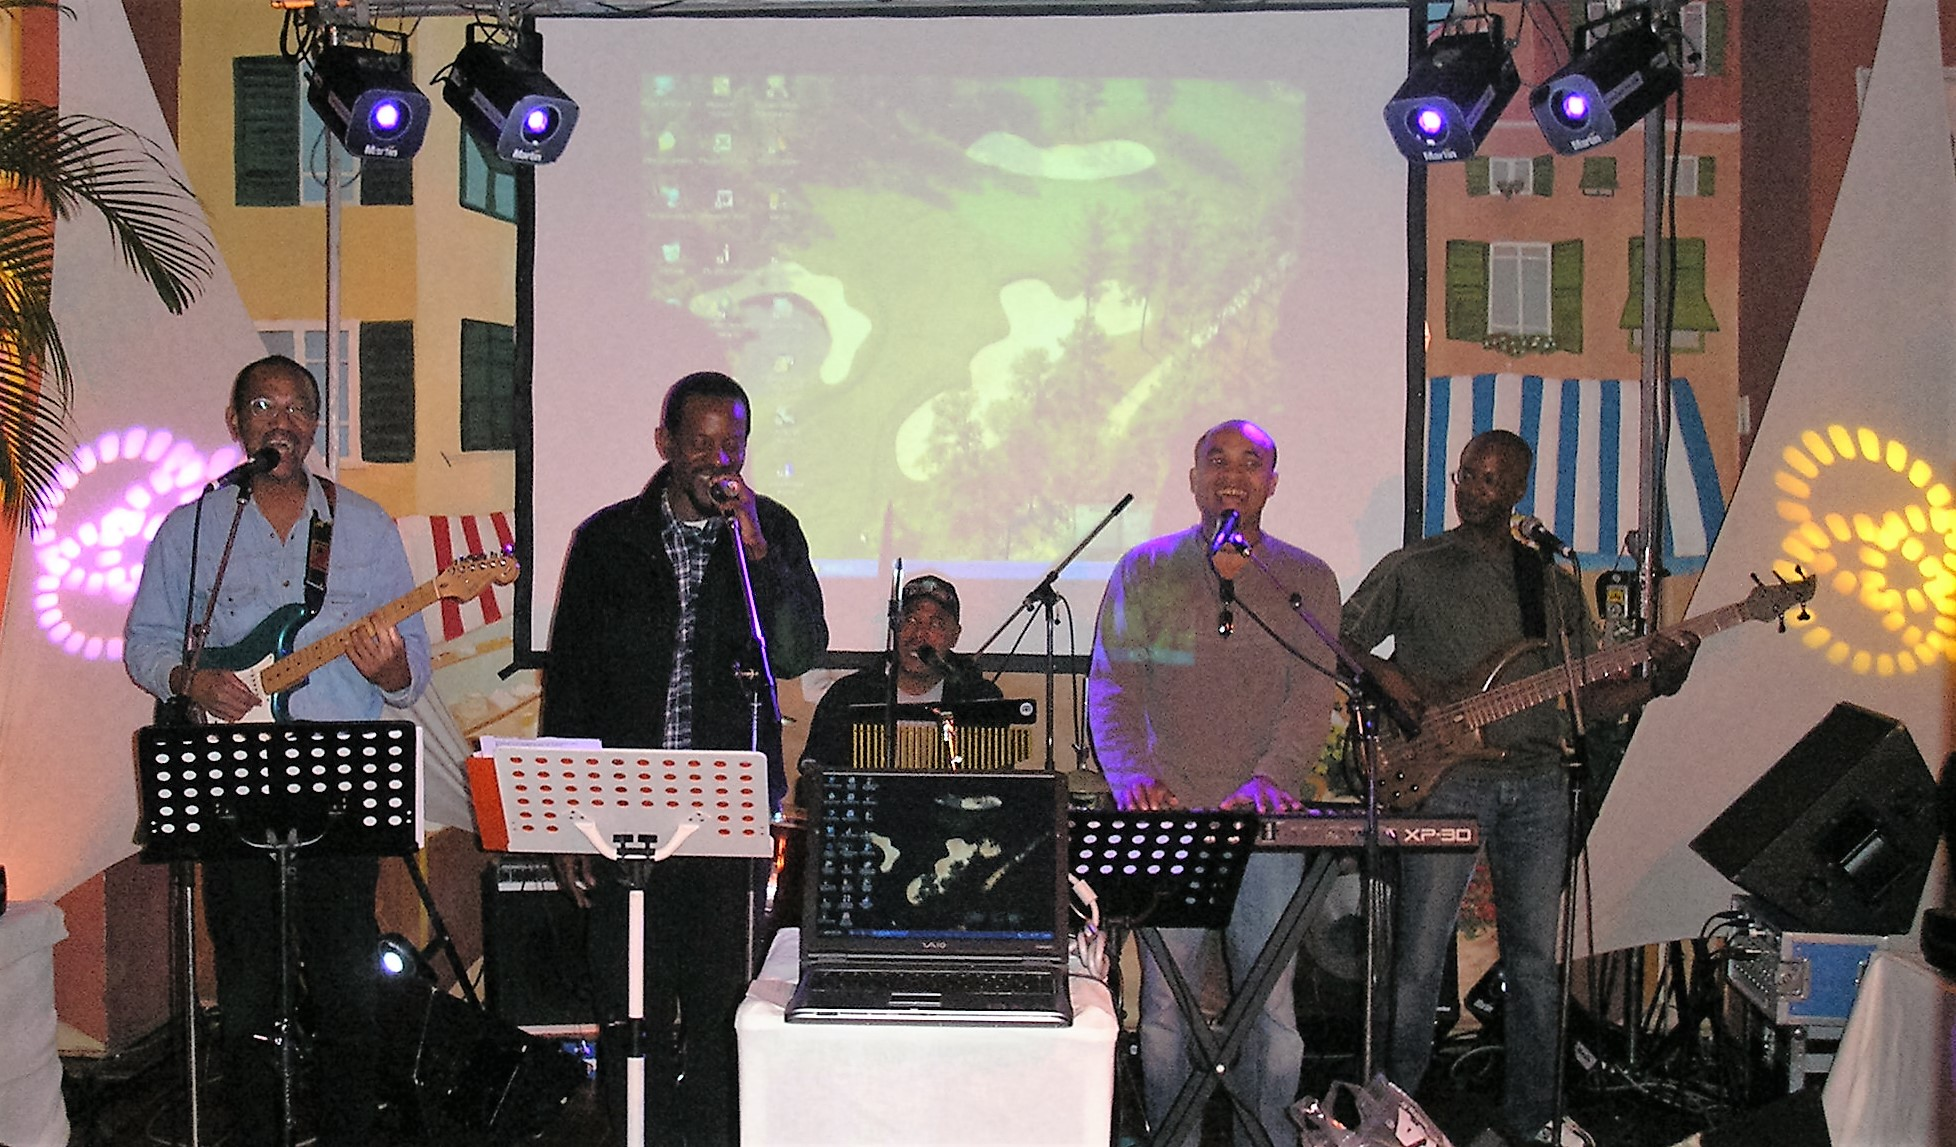 Groupe de musique jeux de lumière